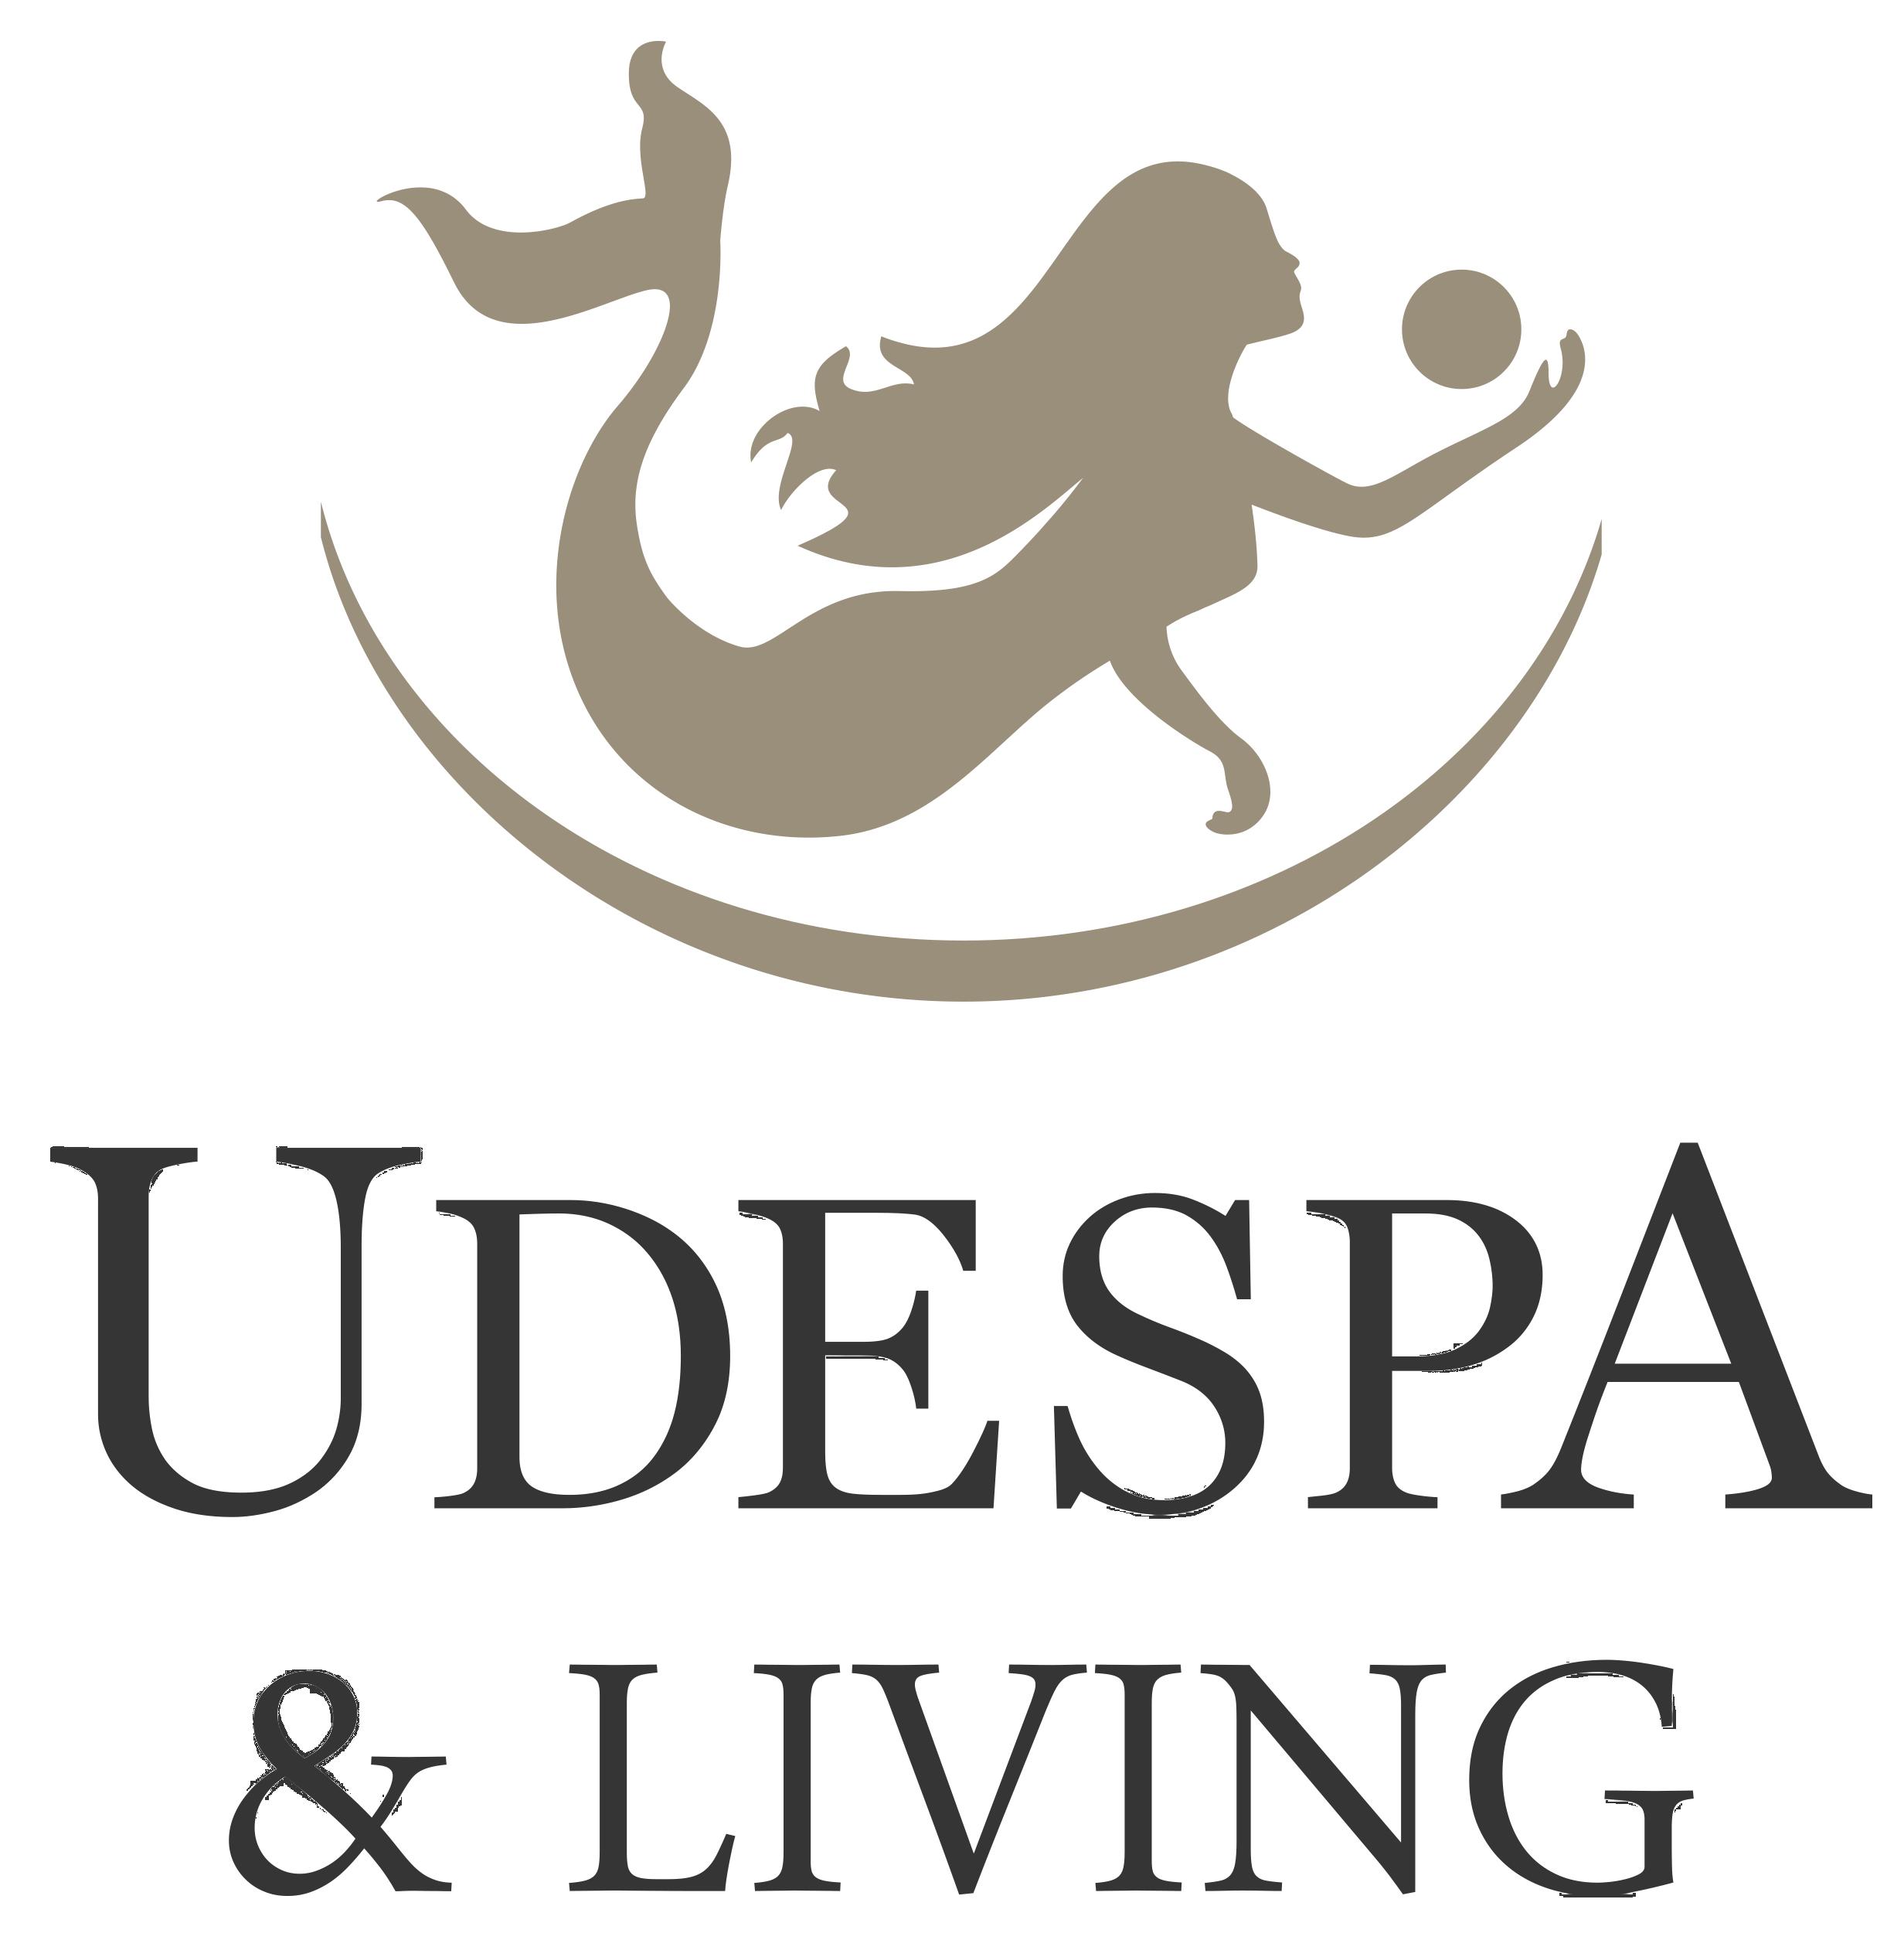 Udespa & Living logo Softtub